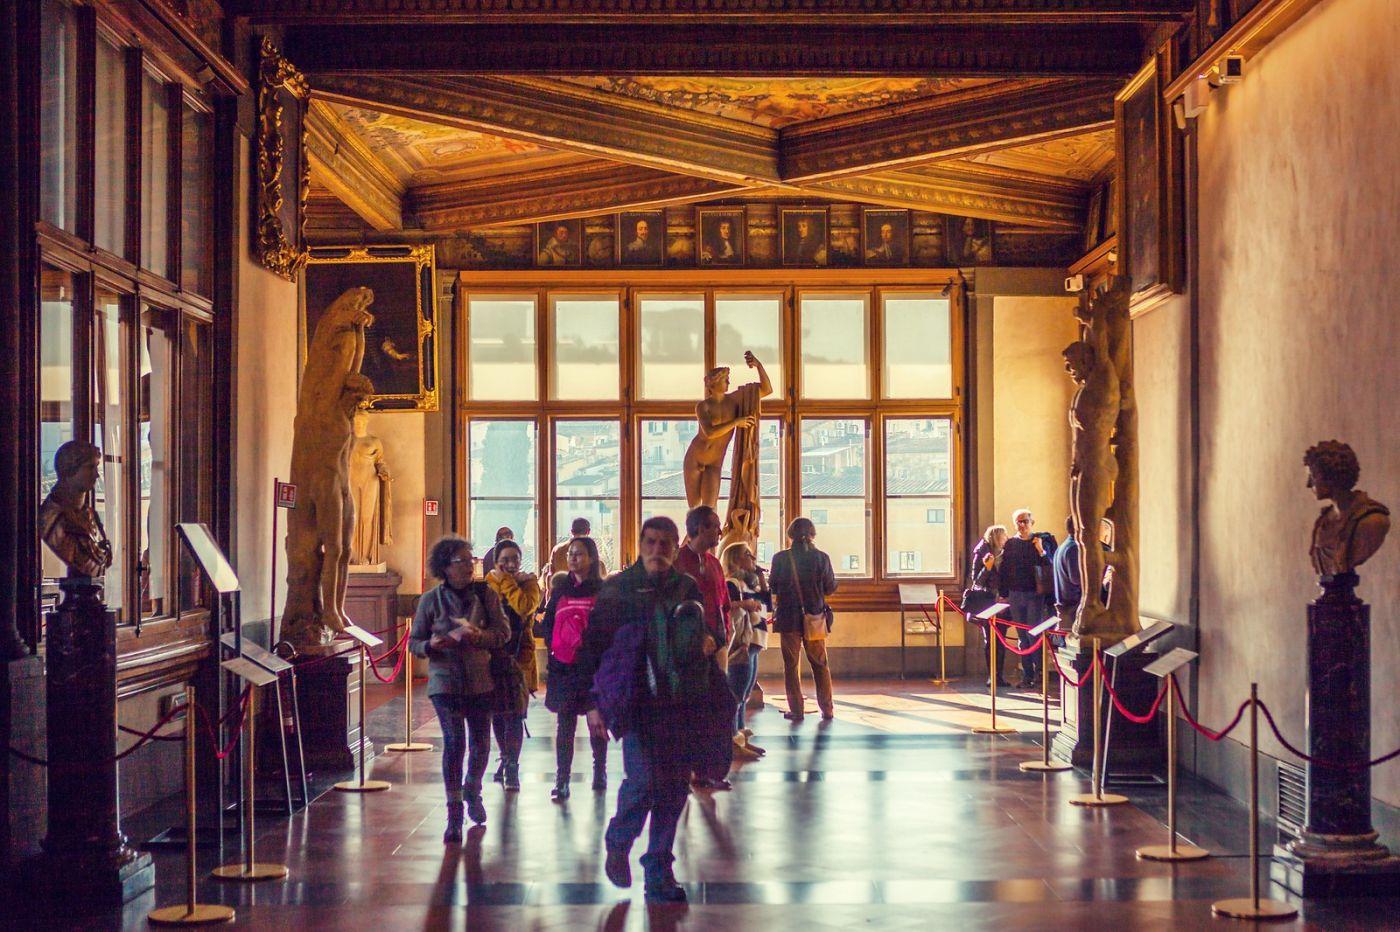 意大利佛罗伦斯乌菲兹美术馆, 进去看一看_图1-25